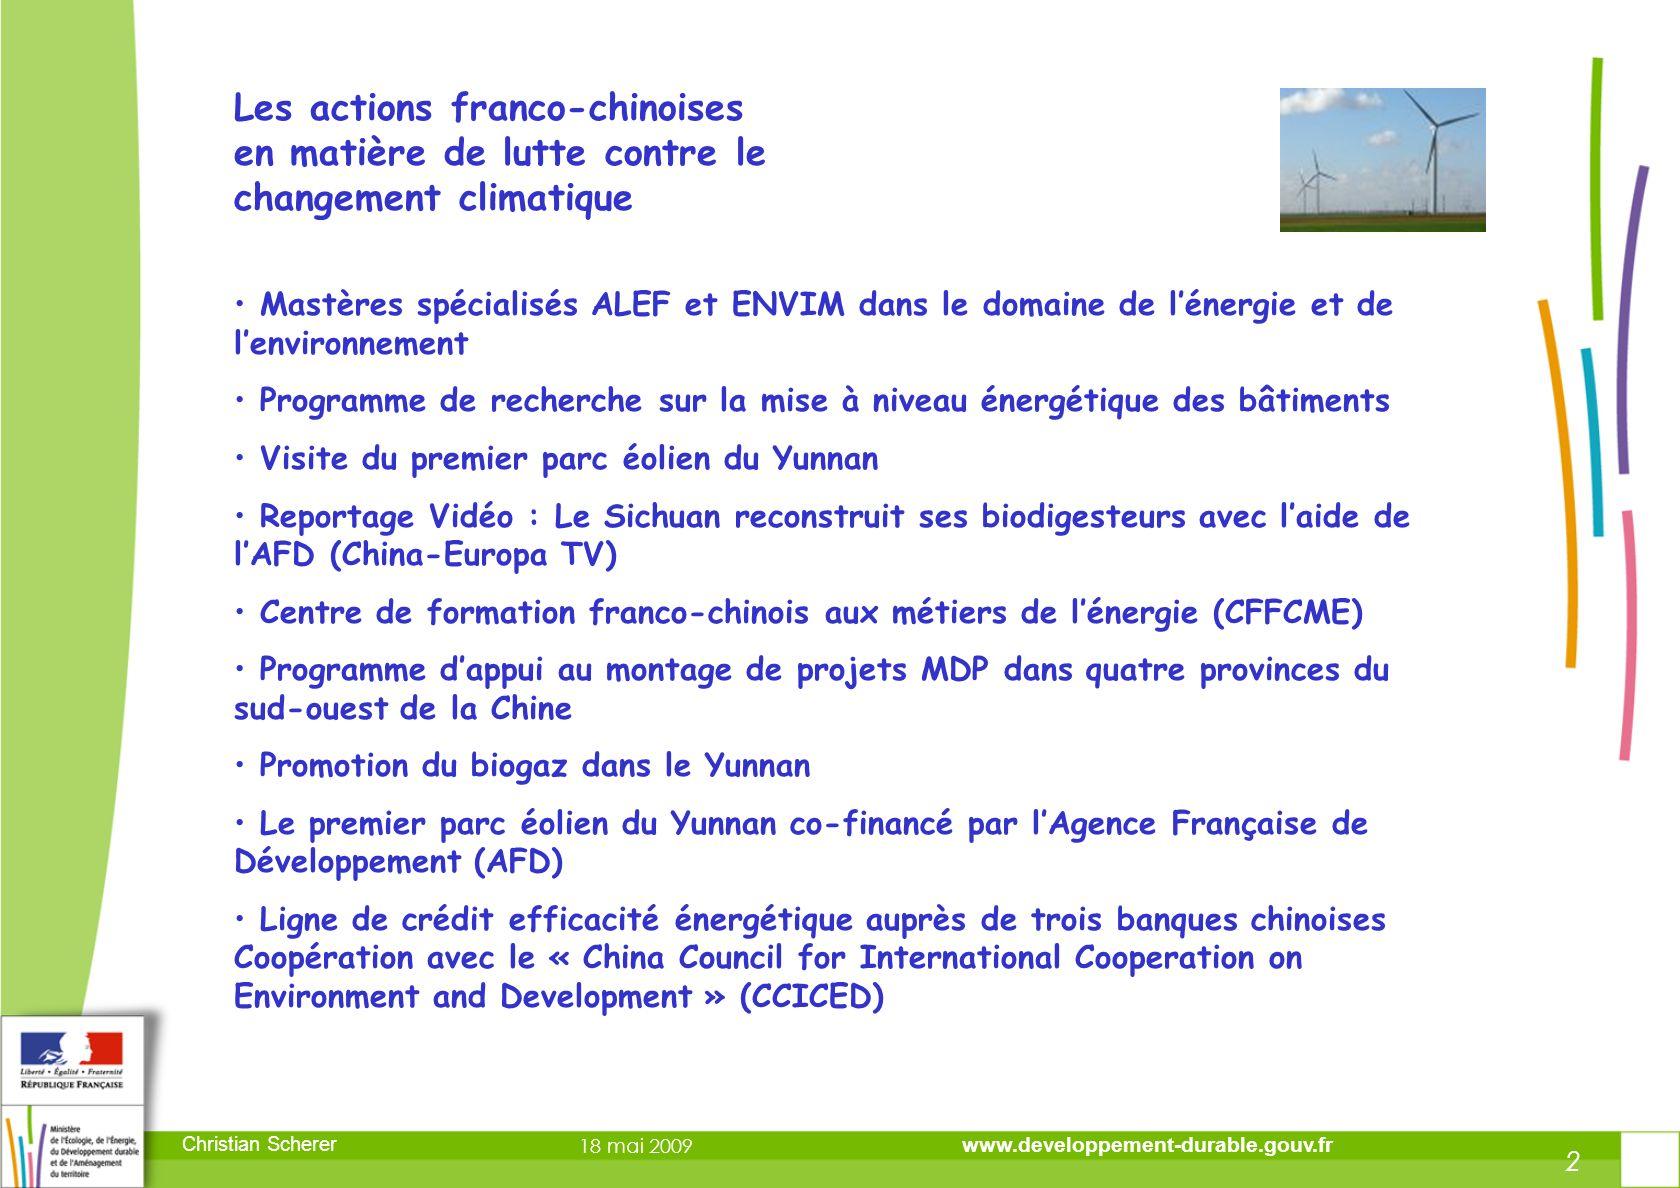 DIRECTION DE LA PREVENTION DES RISQUES ET LUTTE CONTRE LES POLLUTIONS DIRECTION DE LA PREVENTION DES POLLUTIONS ET DES RISQUES DIRECTION DE LA PREVENTION DES RISQUES ET LUTTE CONTRE LES POLLUTIONS DIRECTION DE LA PREVENTION DES POLLUTIONS ET DES RISQUES 2 Christian Scherer 18 mai 2009 www.developpement-durable.gouv.fr 2 Les actions franco-chinoises en matière de lutte contre le changement climatique Mastères spécialisés ALEF et ENVIM dans le domaine de lénergie et de lenvironnement Programme de recherche sur la mise à niveau énergétique des bâtiments Visite du premier parc éolien du Yunnan Reportage Vidéo : Le Sichuan reconstruit ses biodigesteurs avec laide de lAFD (China-Europa TV) Centre de formation franco-chinois aux métiers de lénergie (CFFCME) Programme dappui au montage de projets MDP dans quatre provinces du sud-ouest de la Chine Promotion du biogaz dans le Yunnan Le premier parc éolien du Yunnan co-financé par lAgence Française de Développement (AFD) Ligne de crédit efficacité énergétique auprès de trois banques chinoises Coopération avec le « China Council for International Cooperation on Environment and Development » (CCICED)